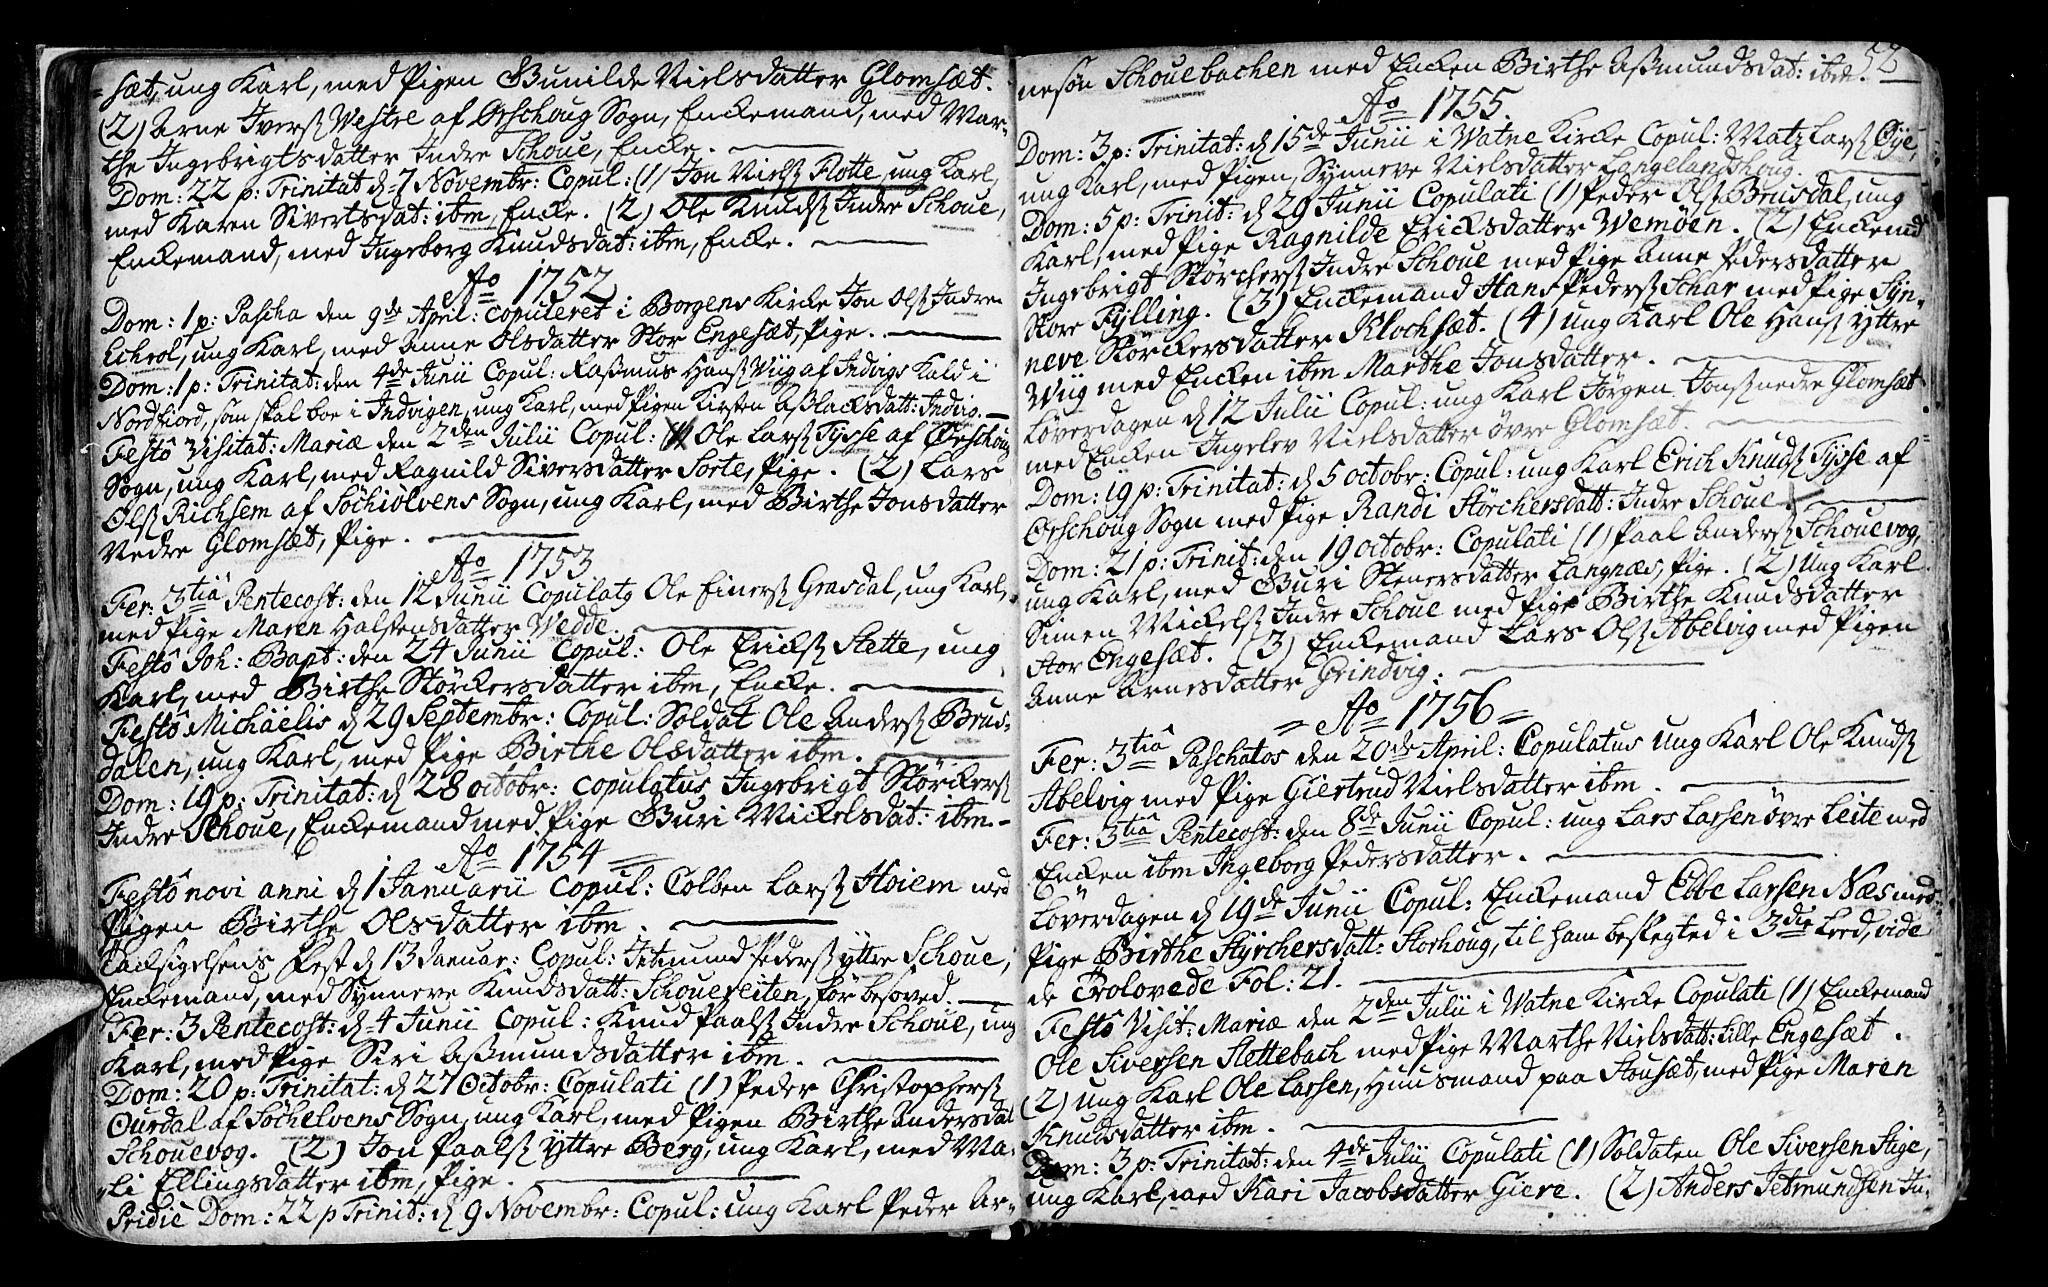 SAT, Ministerialprotokoller, klokkerbøker og fødselsregistre - Møre og Romsdal, 524/L0349: Ministerialbok nr. 524A01, 1698-1779, s. 52